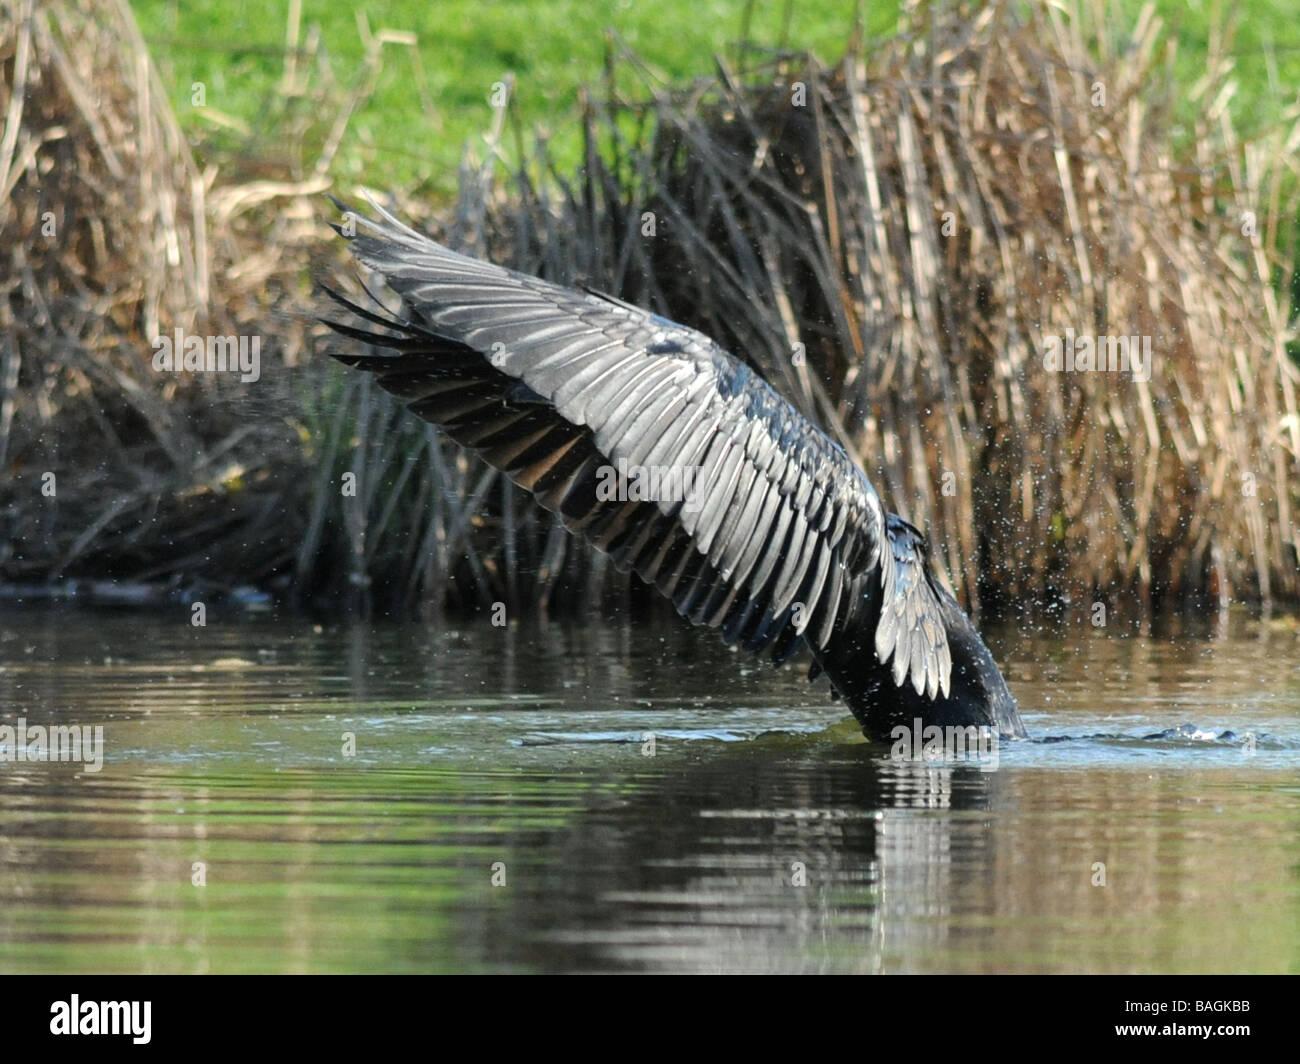 Un cormorano o shag utilizzando le sue ali per creare ombra e aiutare a vedere sotto l'acqua. Immagini Stock